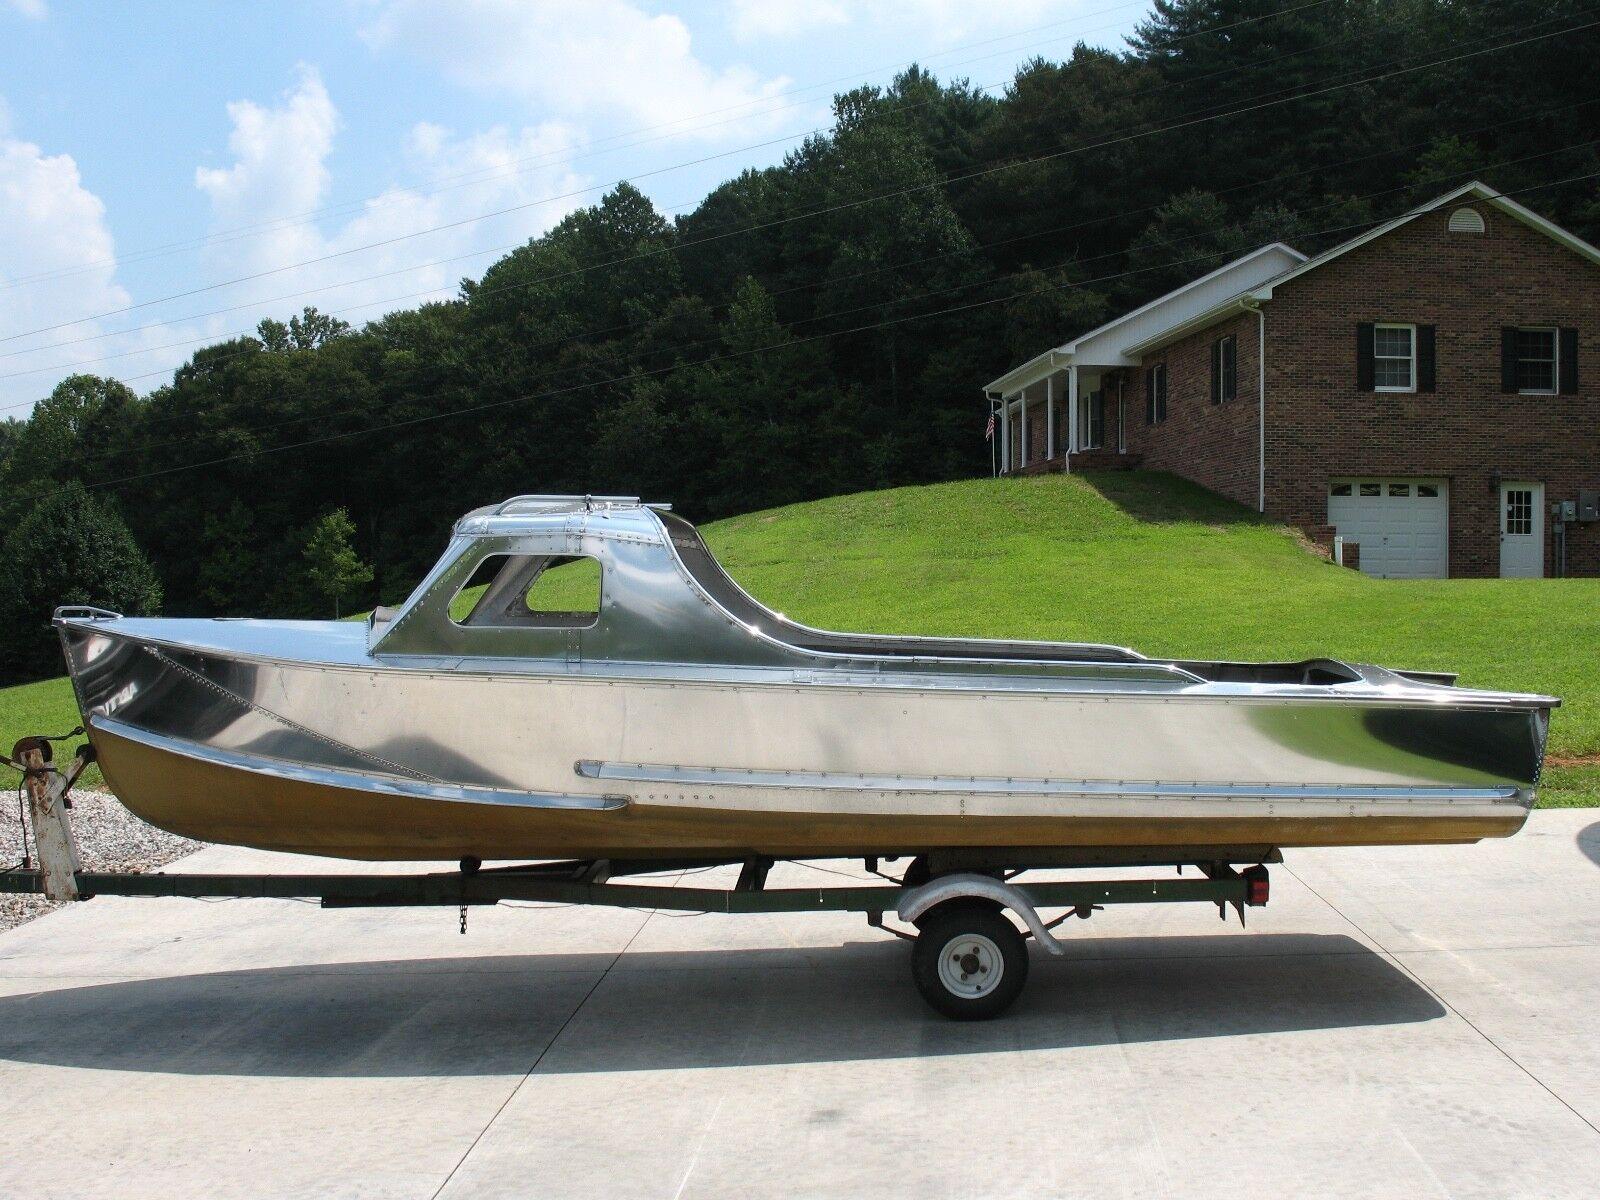 1957 Crestliner Voyager Patrol Hardtop Aluminum Boat Vintage